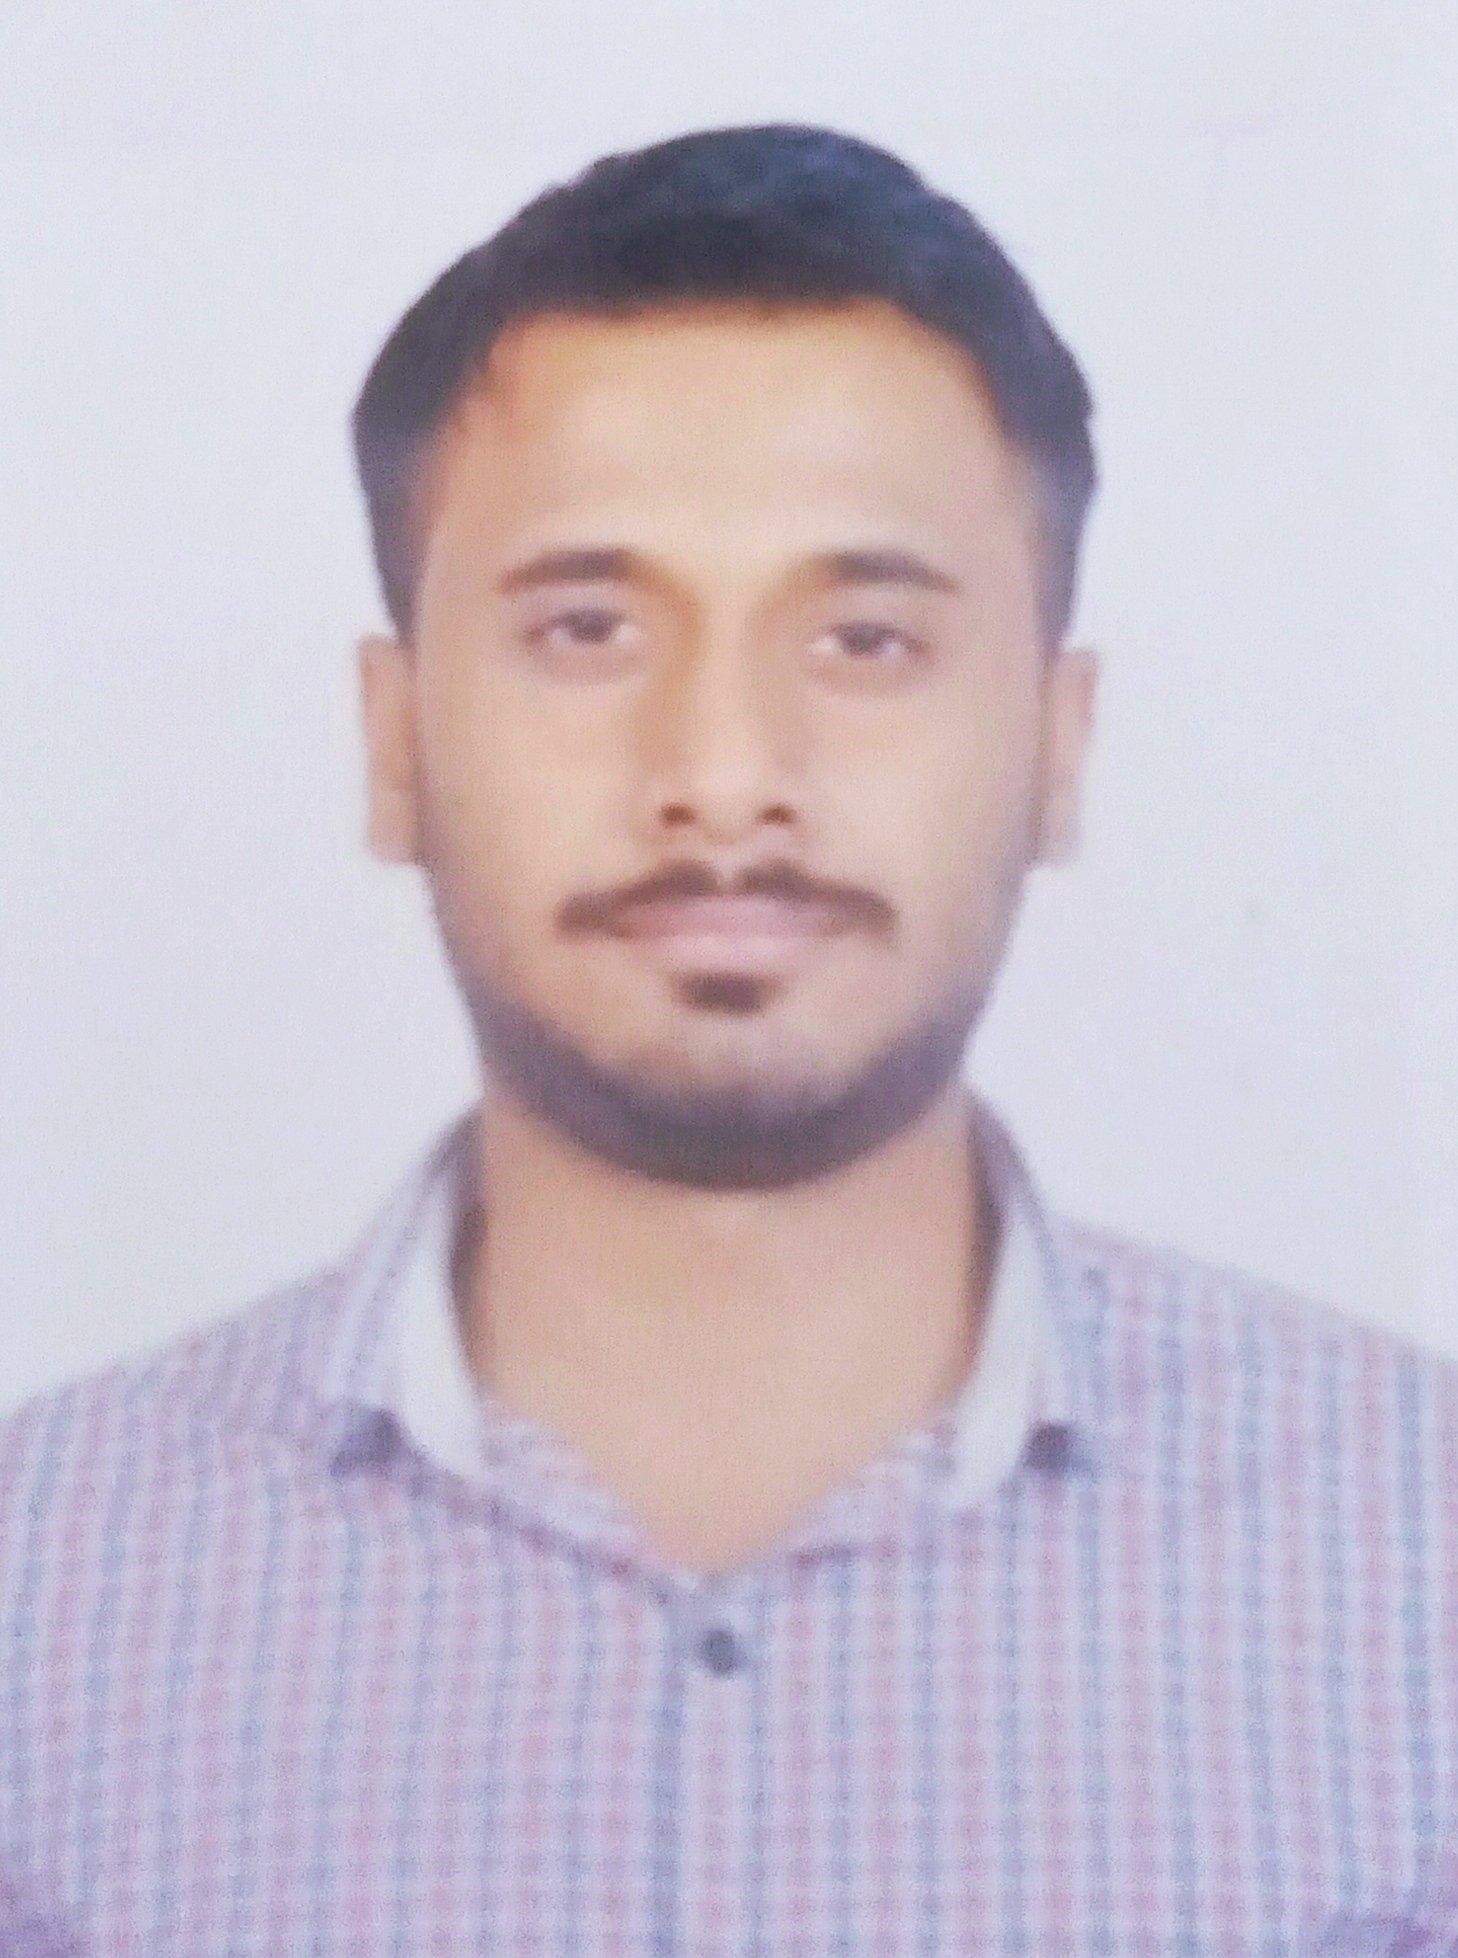 Mrityunjoy Chowdhury